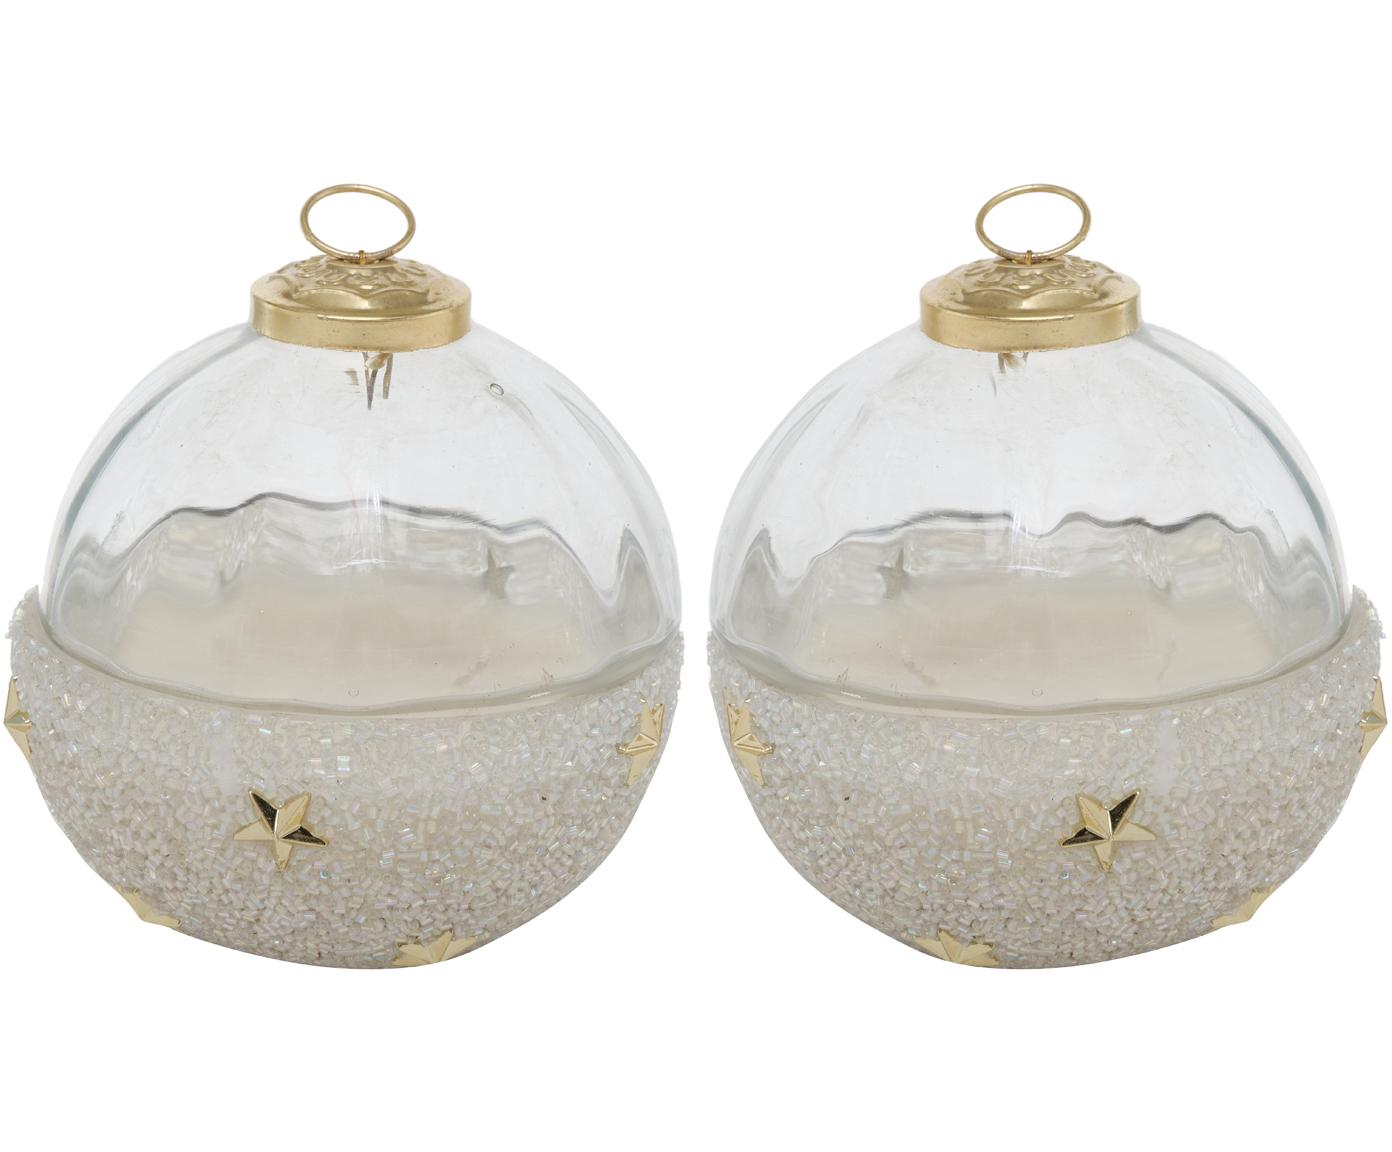 Świeca zapachowa Arlington (granat i żurawina), 2 szt., Transparentny, odcienie złotego, biały, Średnica: 10 cm Wysokość: 10 cm